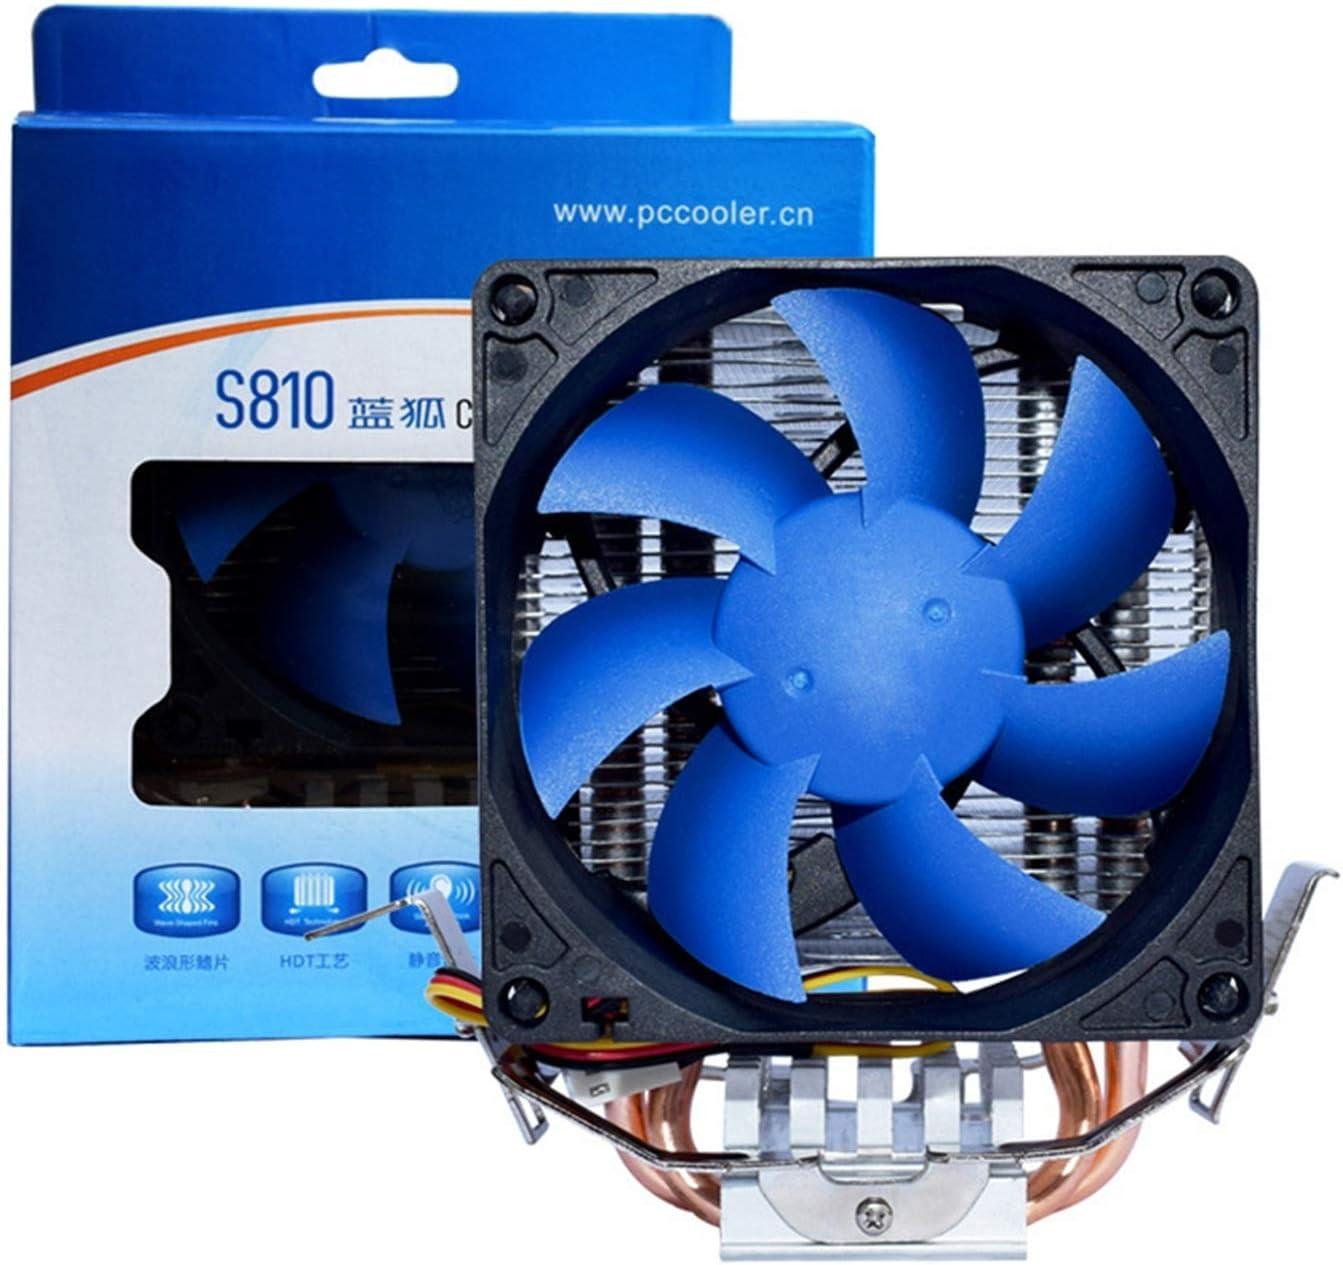 Tranquilo Radiador de la CPU bajo presión Multi-Platform Wind 8cm Mute Desktop Fan Ventilador Fácil de Transportar e Instalar (Color : Blue Fox CPU Radiator)